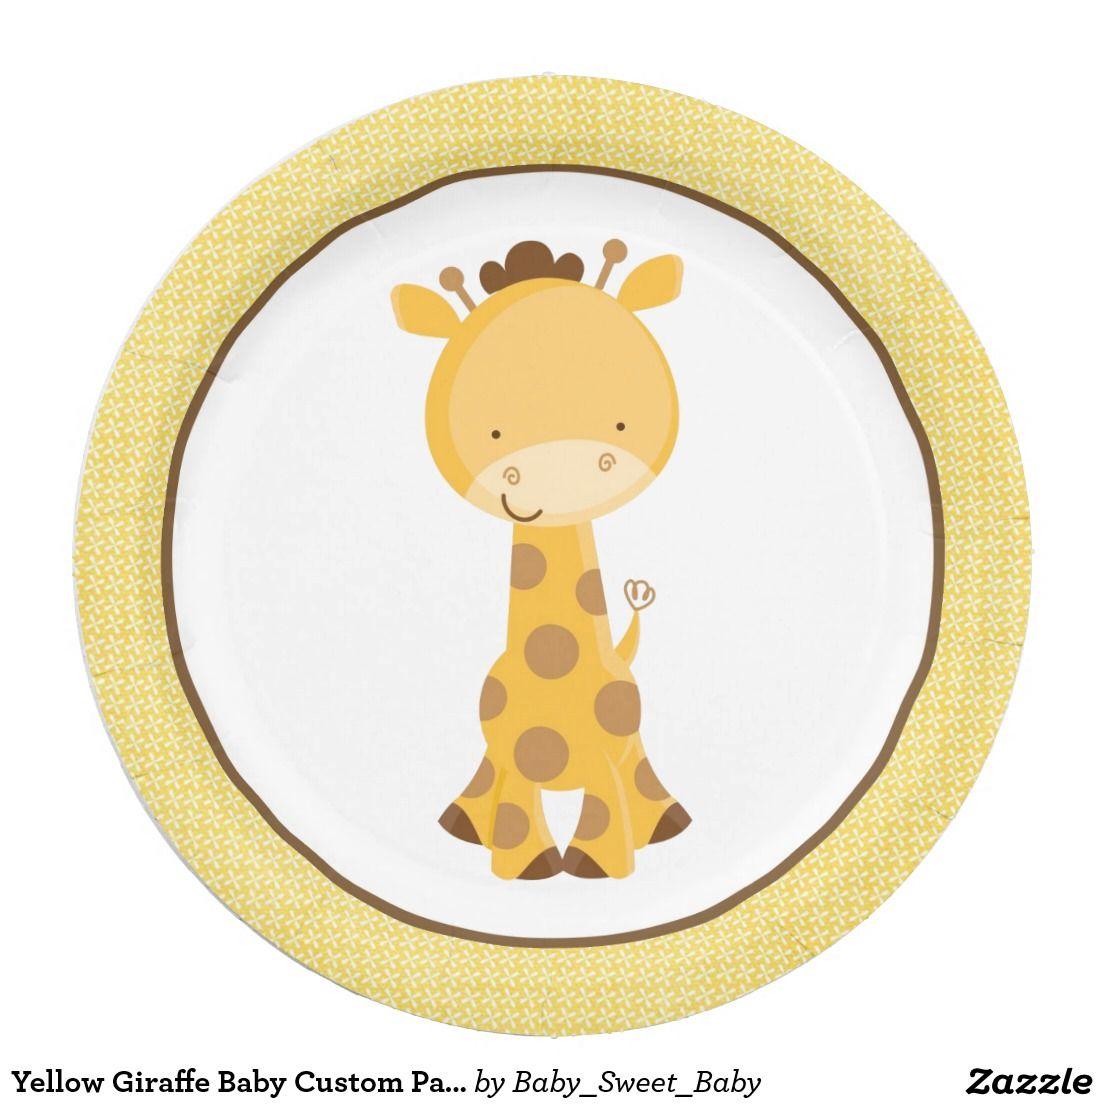 Giraffe · Yellow Giraffe Baby Custom Paper Plates ...  sc 1 st  Pinterest & Yellow Giraffe Baby Custom Paper Plates 9\